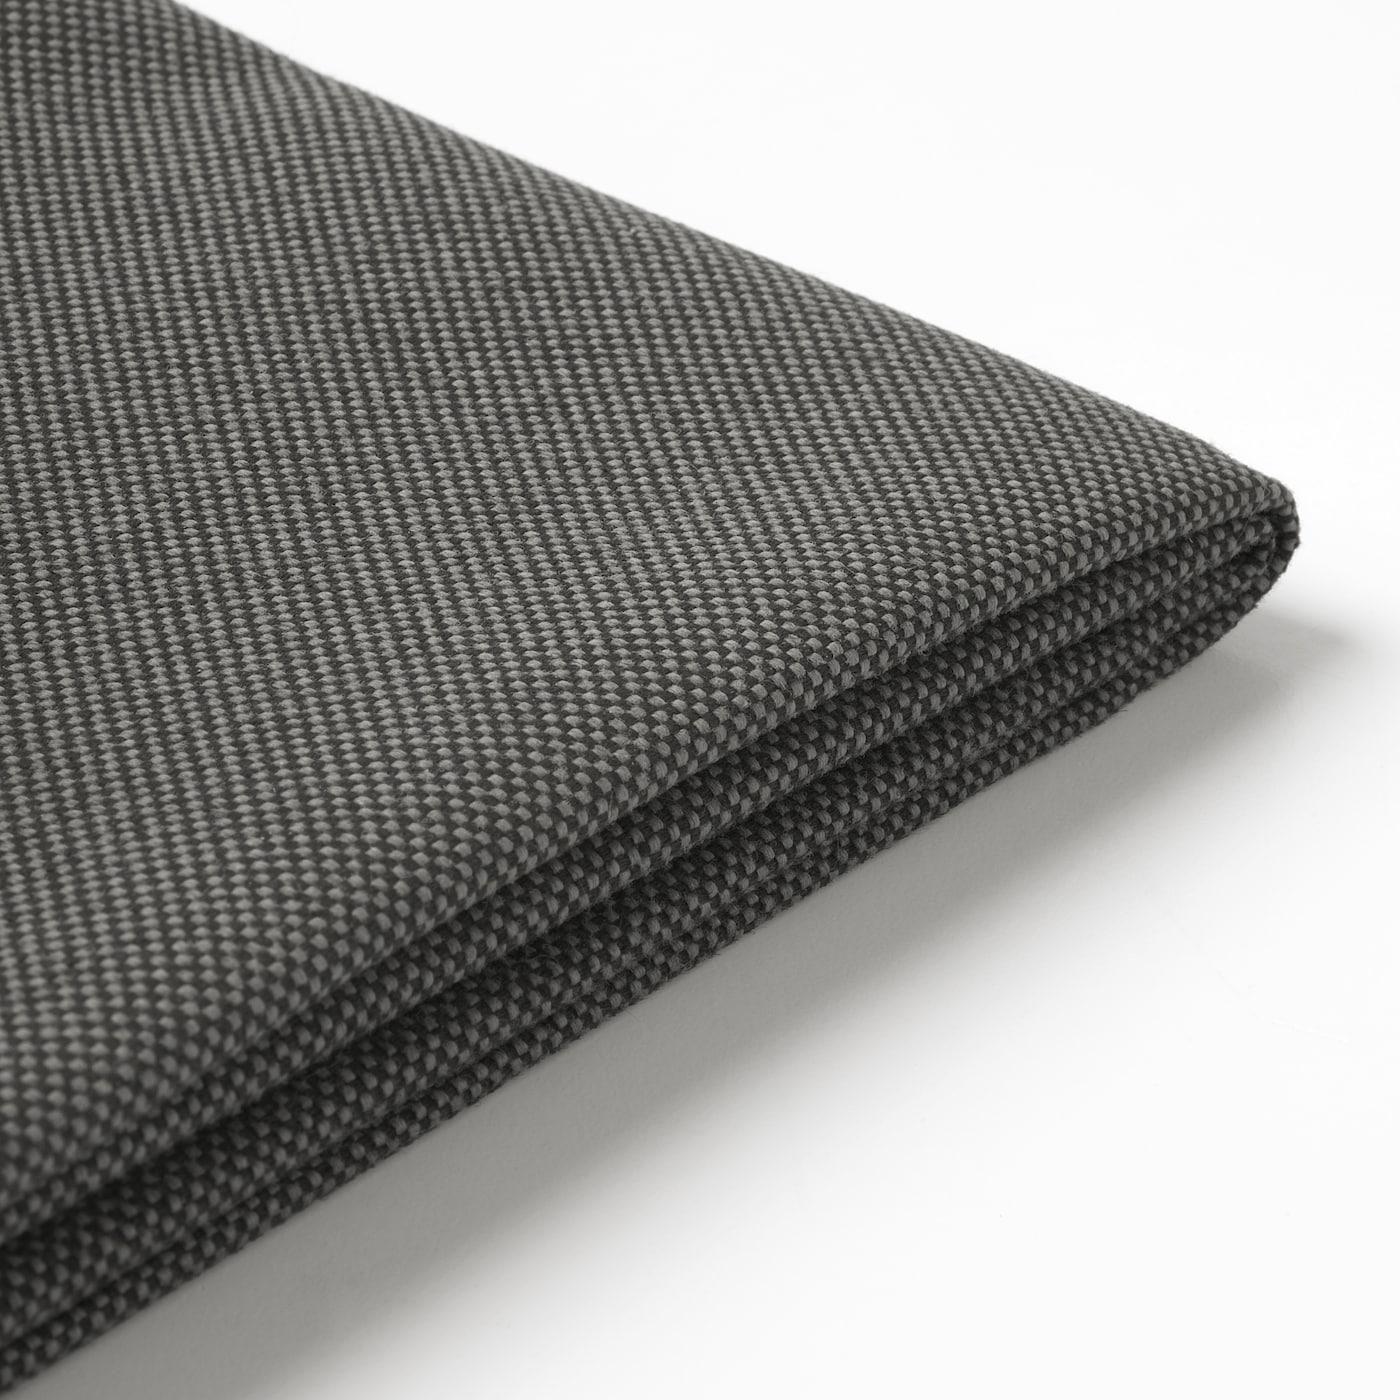 FRÖSÖN Cover for back cushion, outdoor dark grey, 62x44 cm